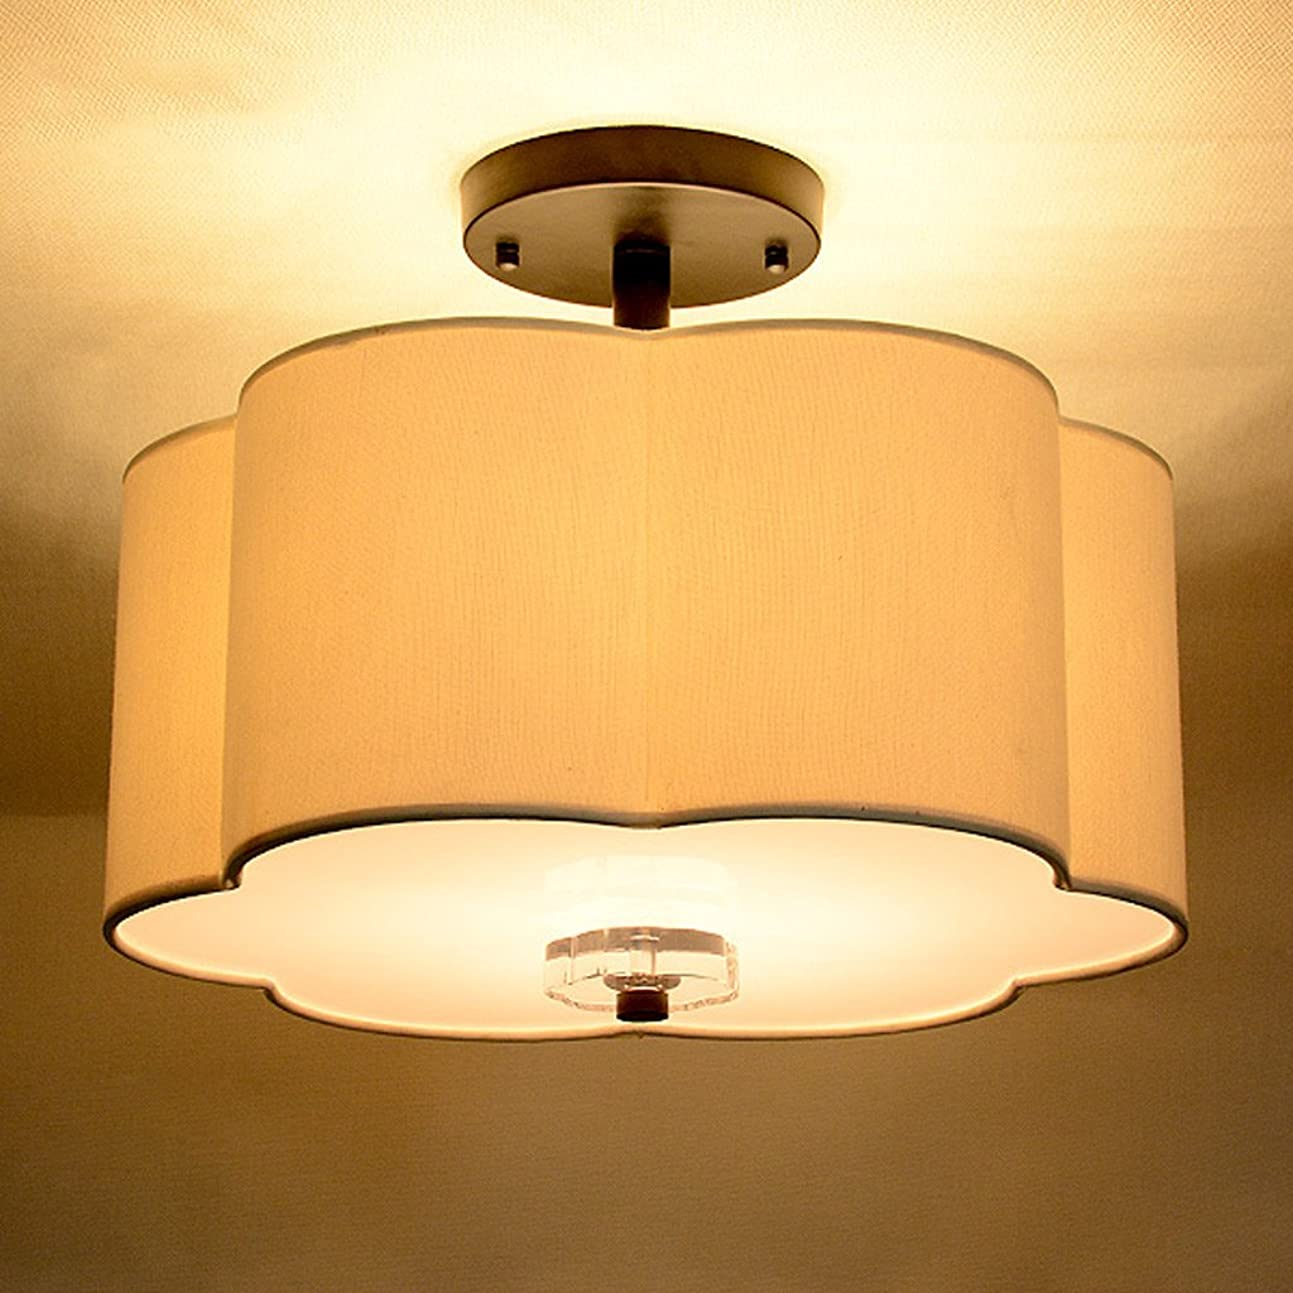 私の見ました早いYSYYSH 装飾的なシーリングライト付き天井のミニマリストスカンジナビアスタイルアメリカンカントリースタイルのベッドルームの研究天井 寝室の装飾ライト